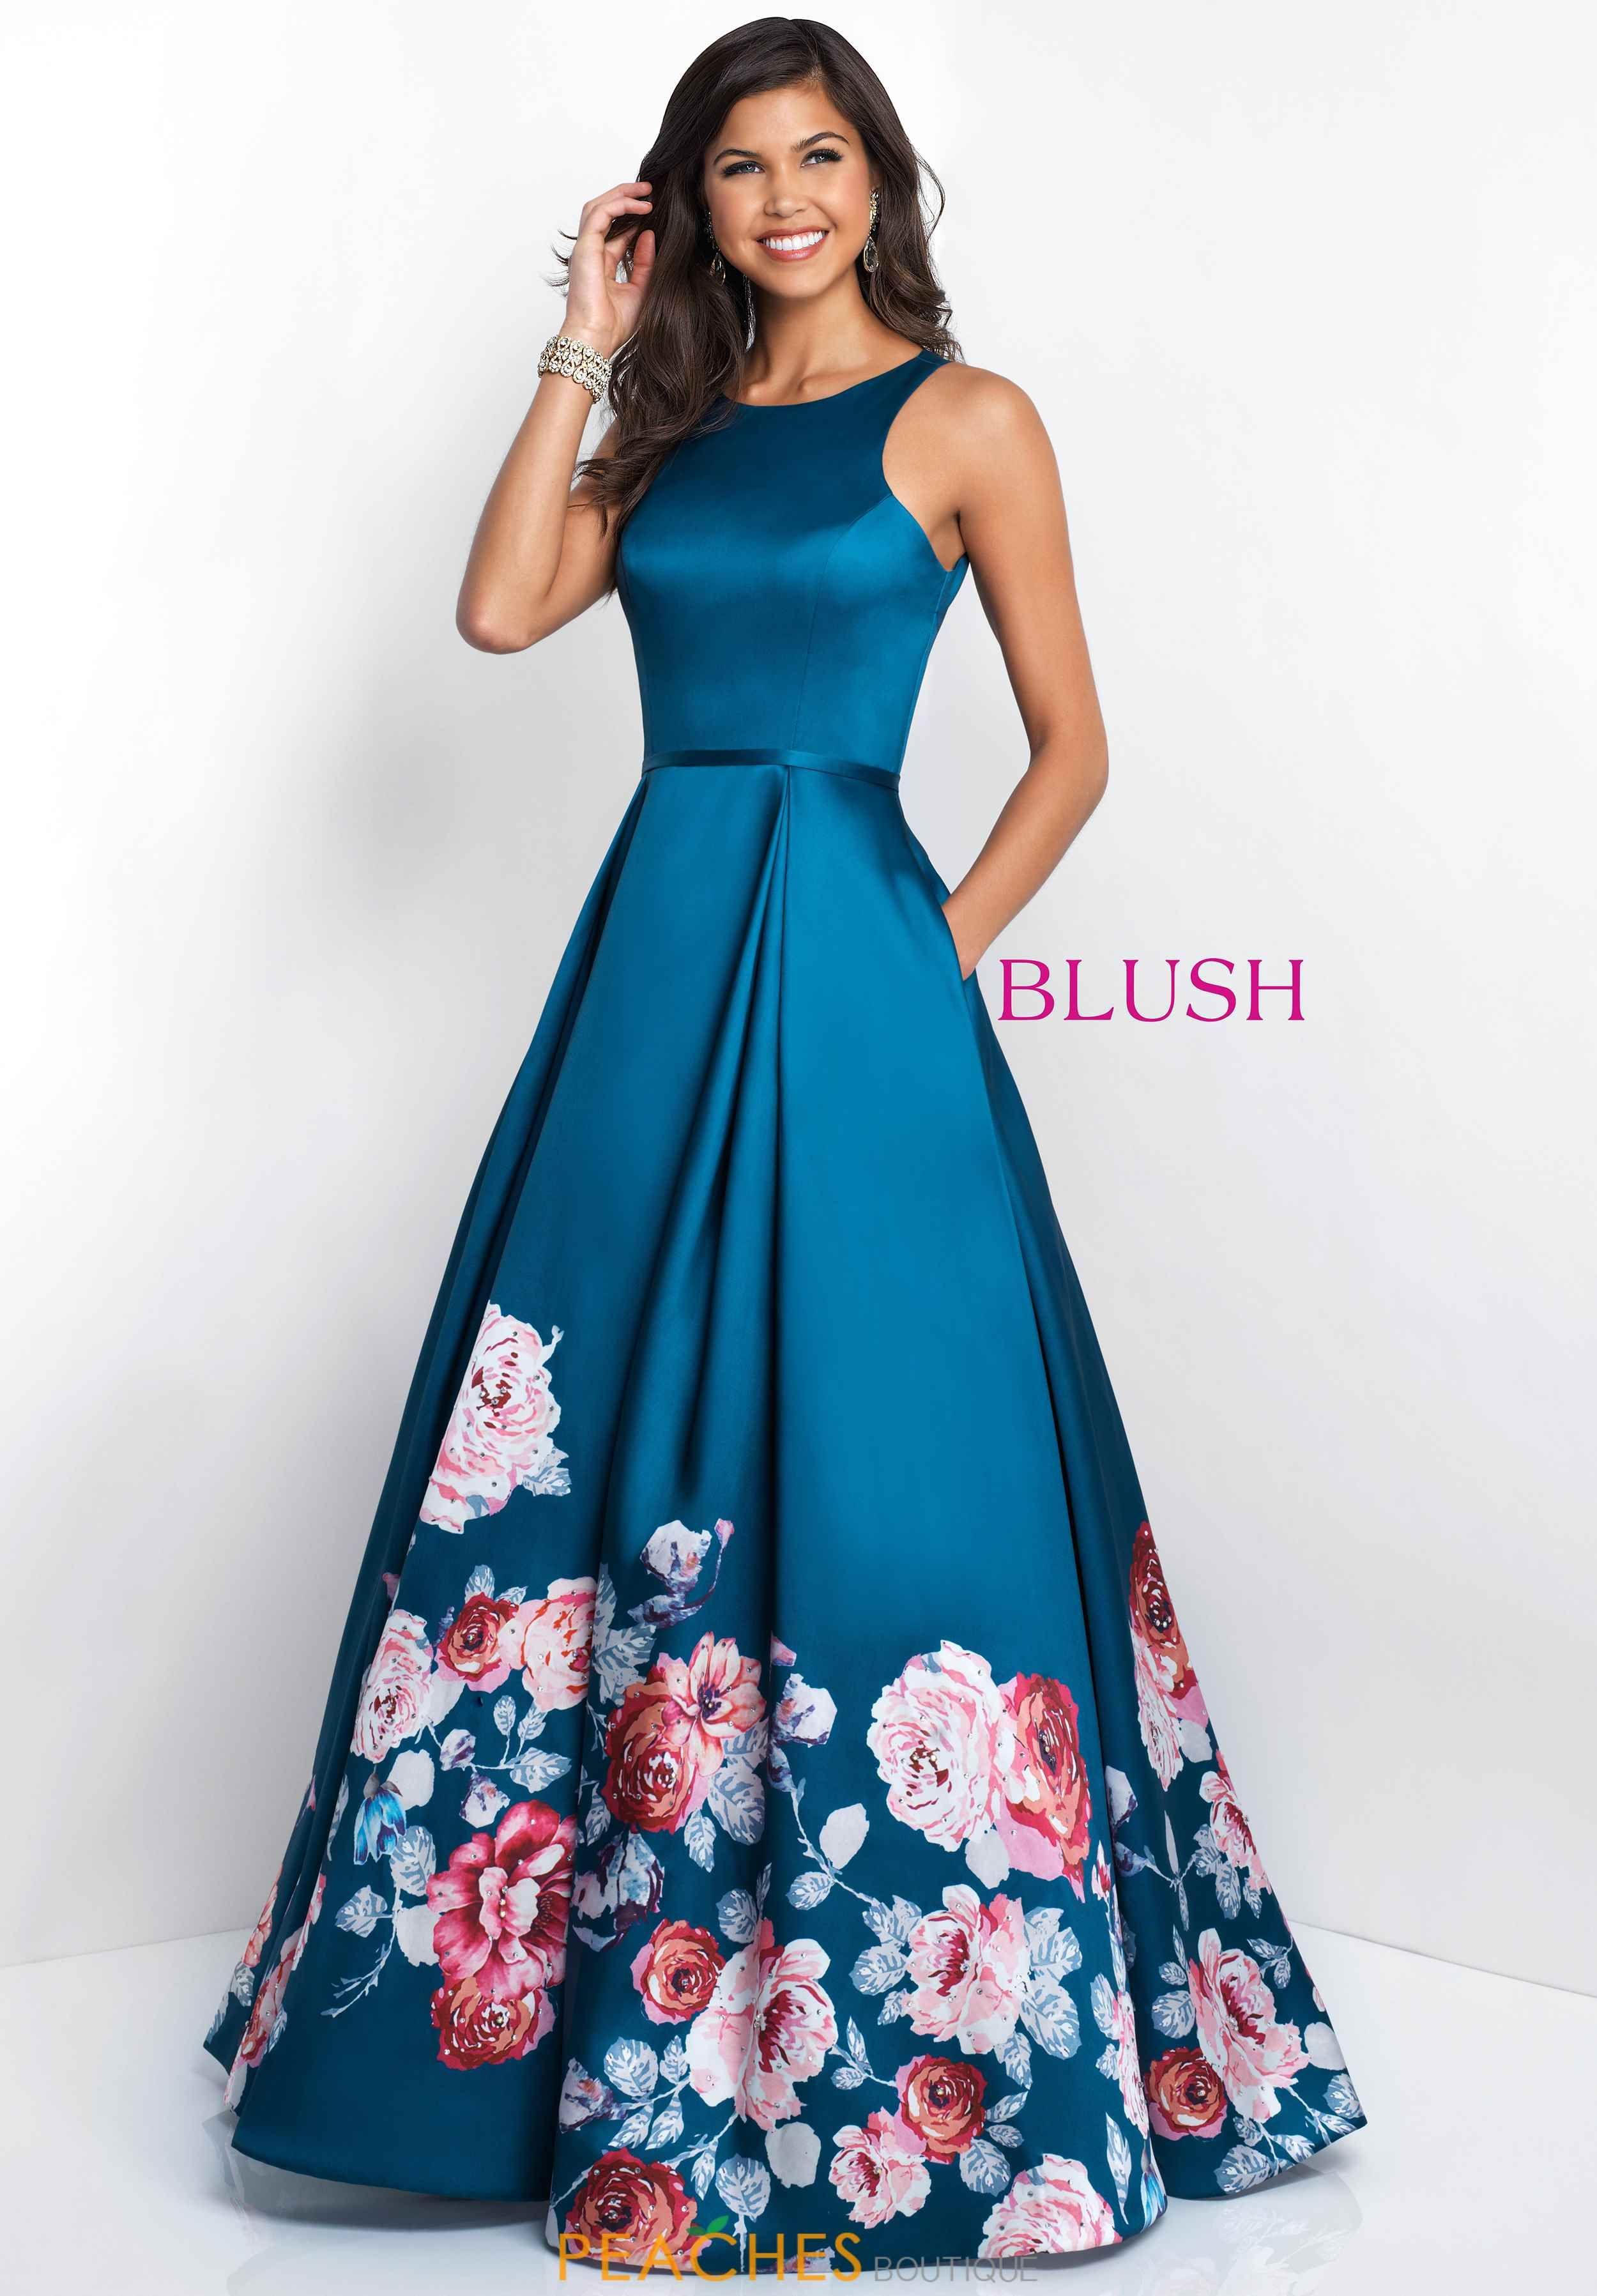 Blush Floral Plus A Line Dress 11136 | Prom Dresses 2018 | Pinterest ...